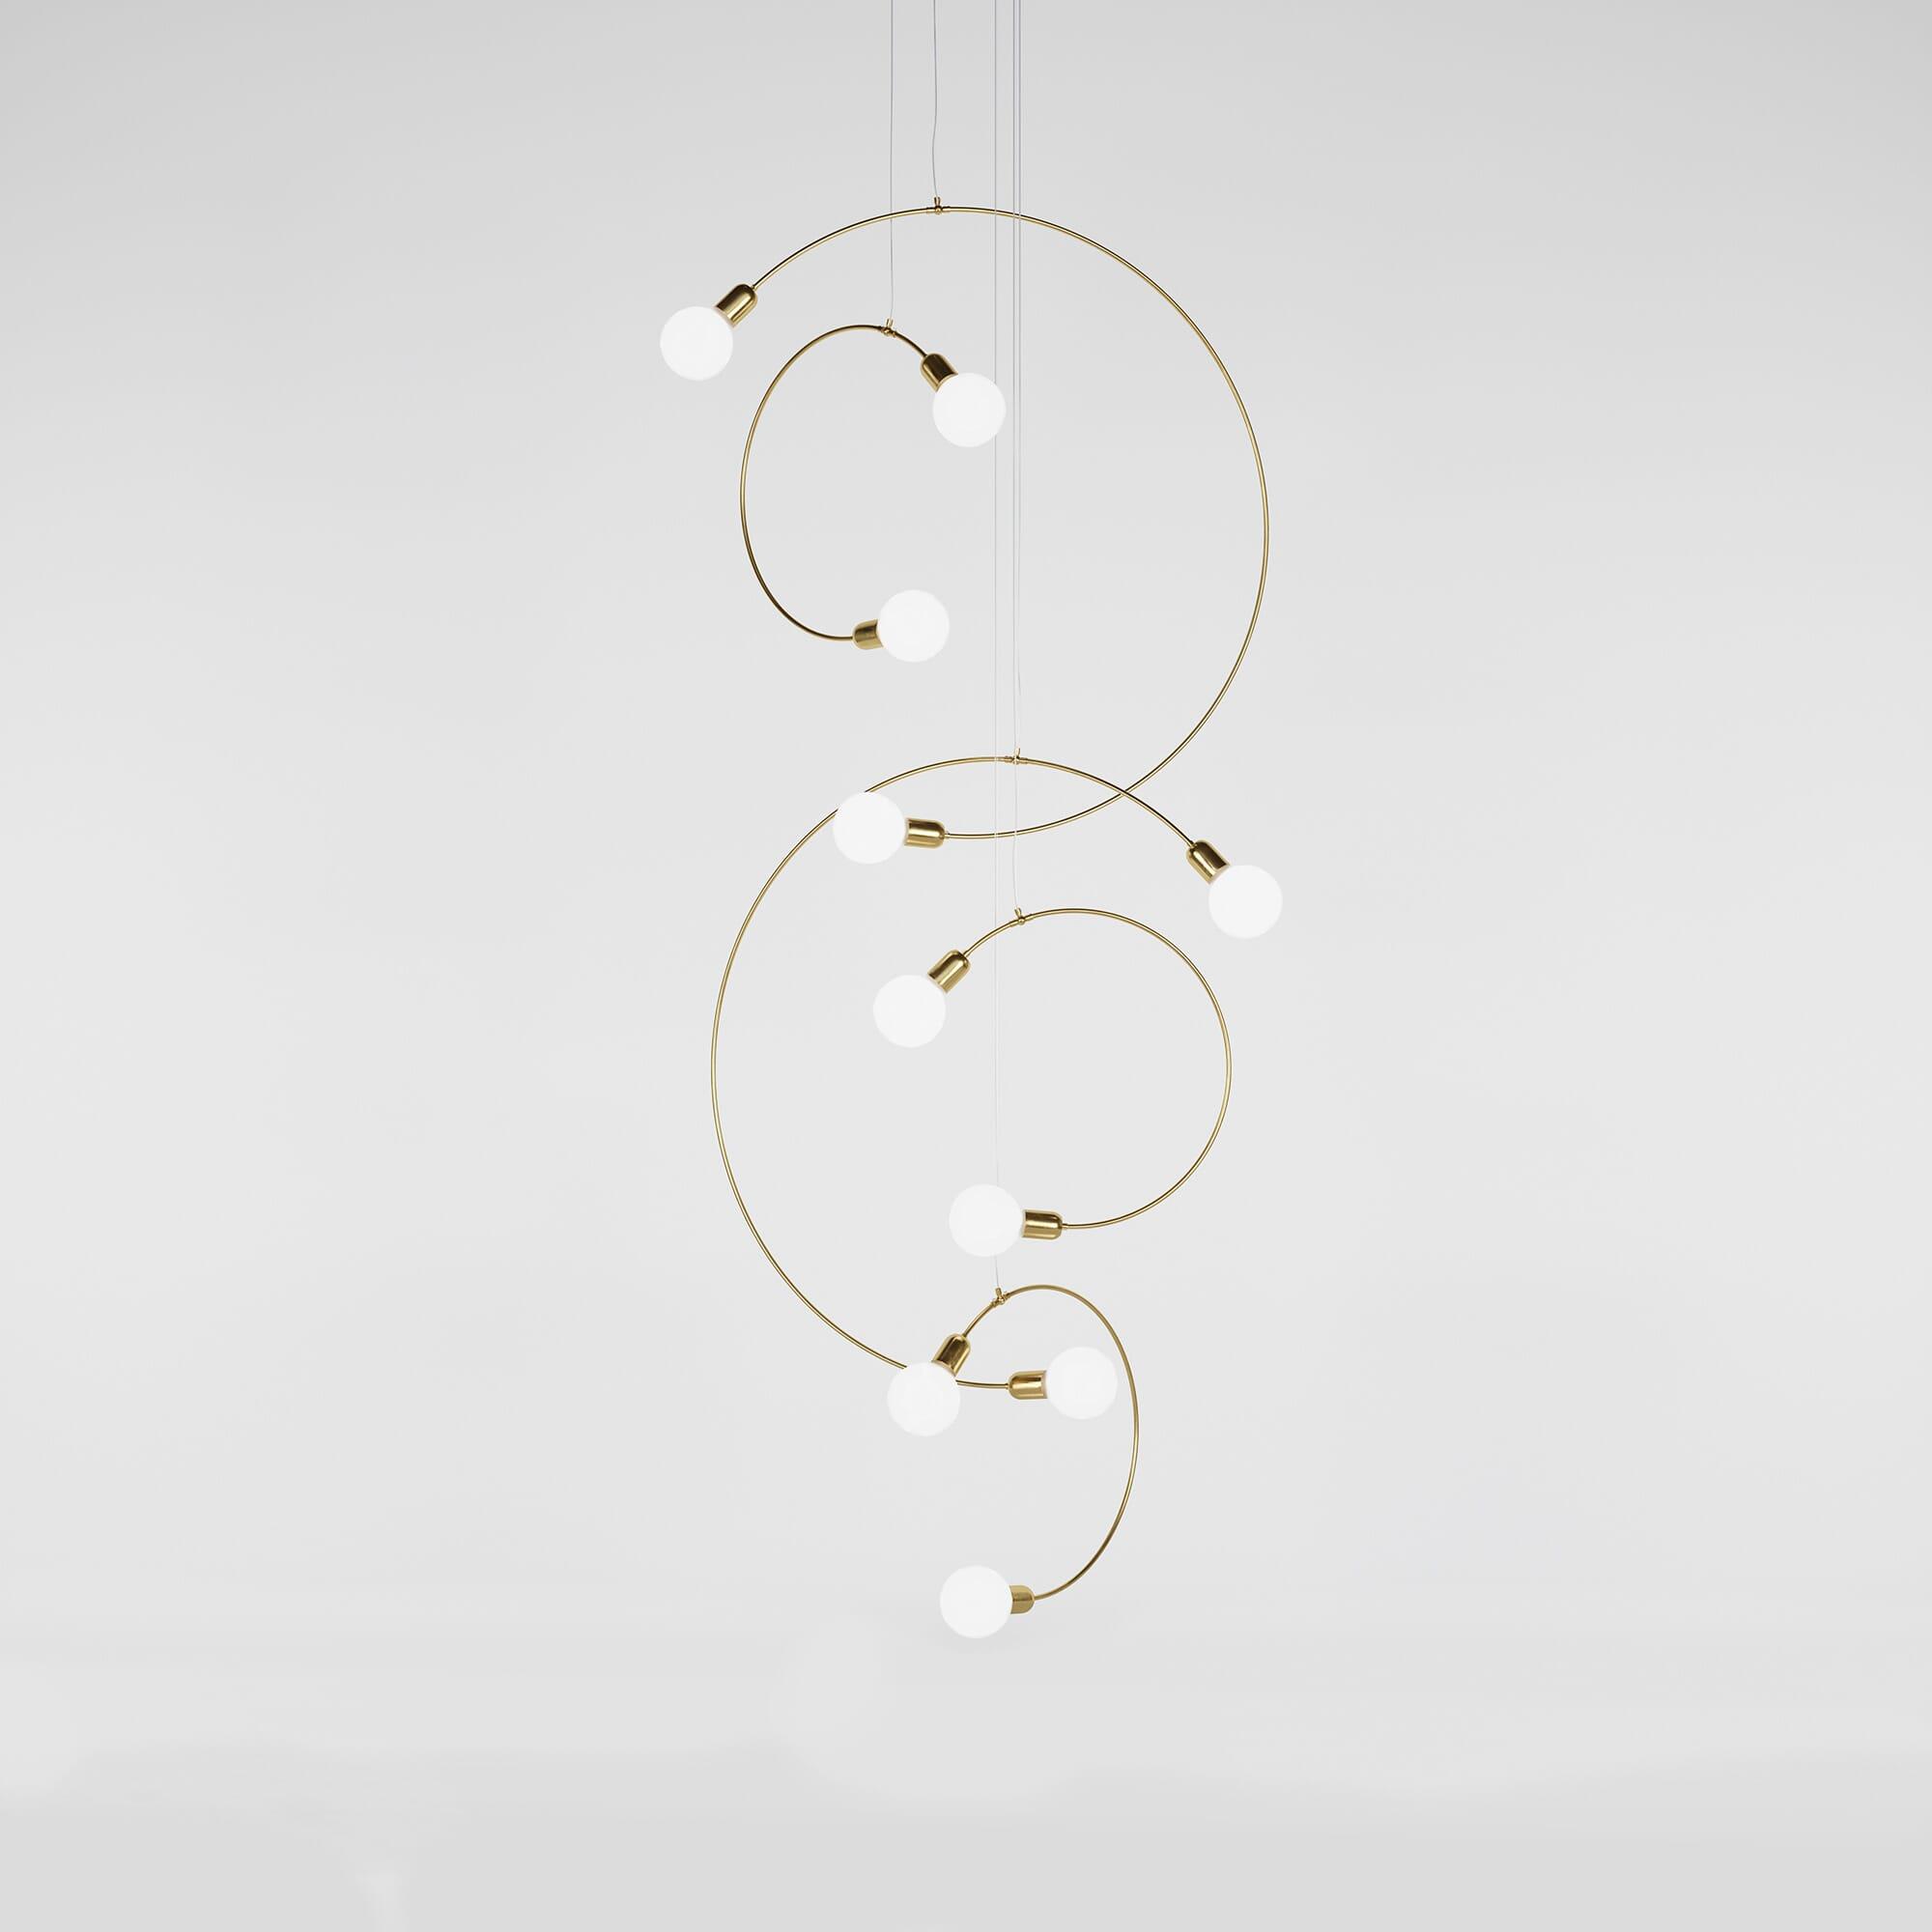 Luminaire Selene Collection Brass & Opaline Gobo Light - Rendu 3D